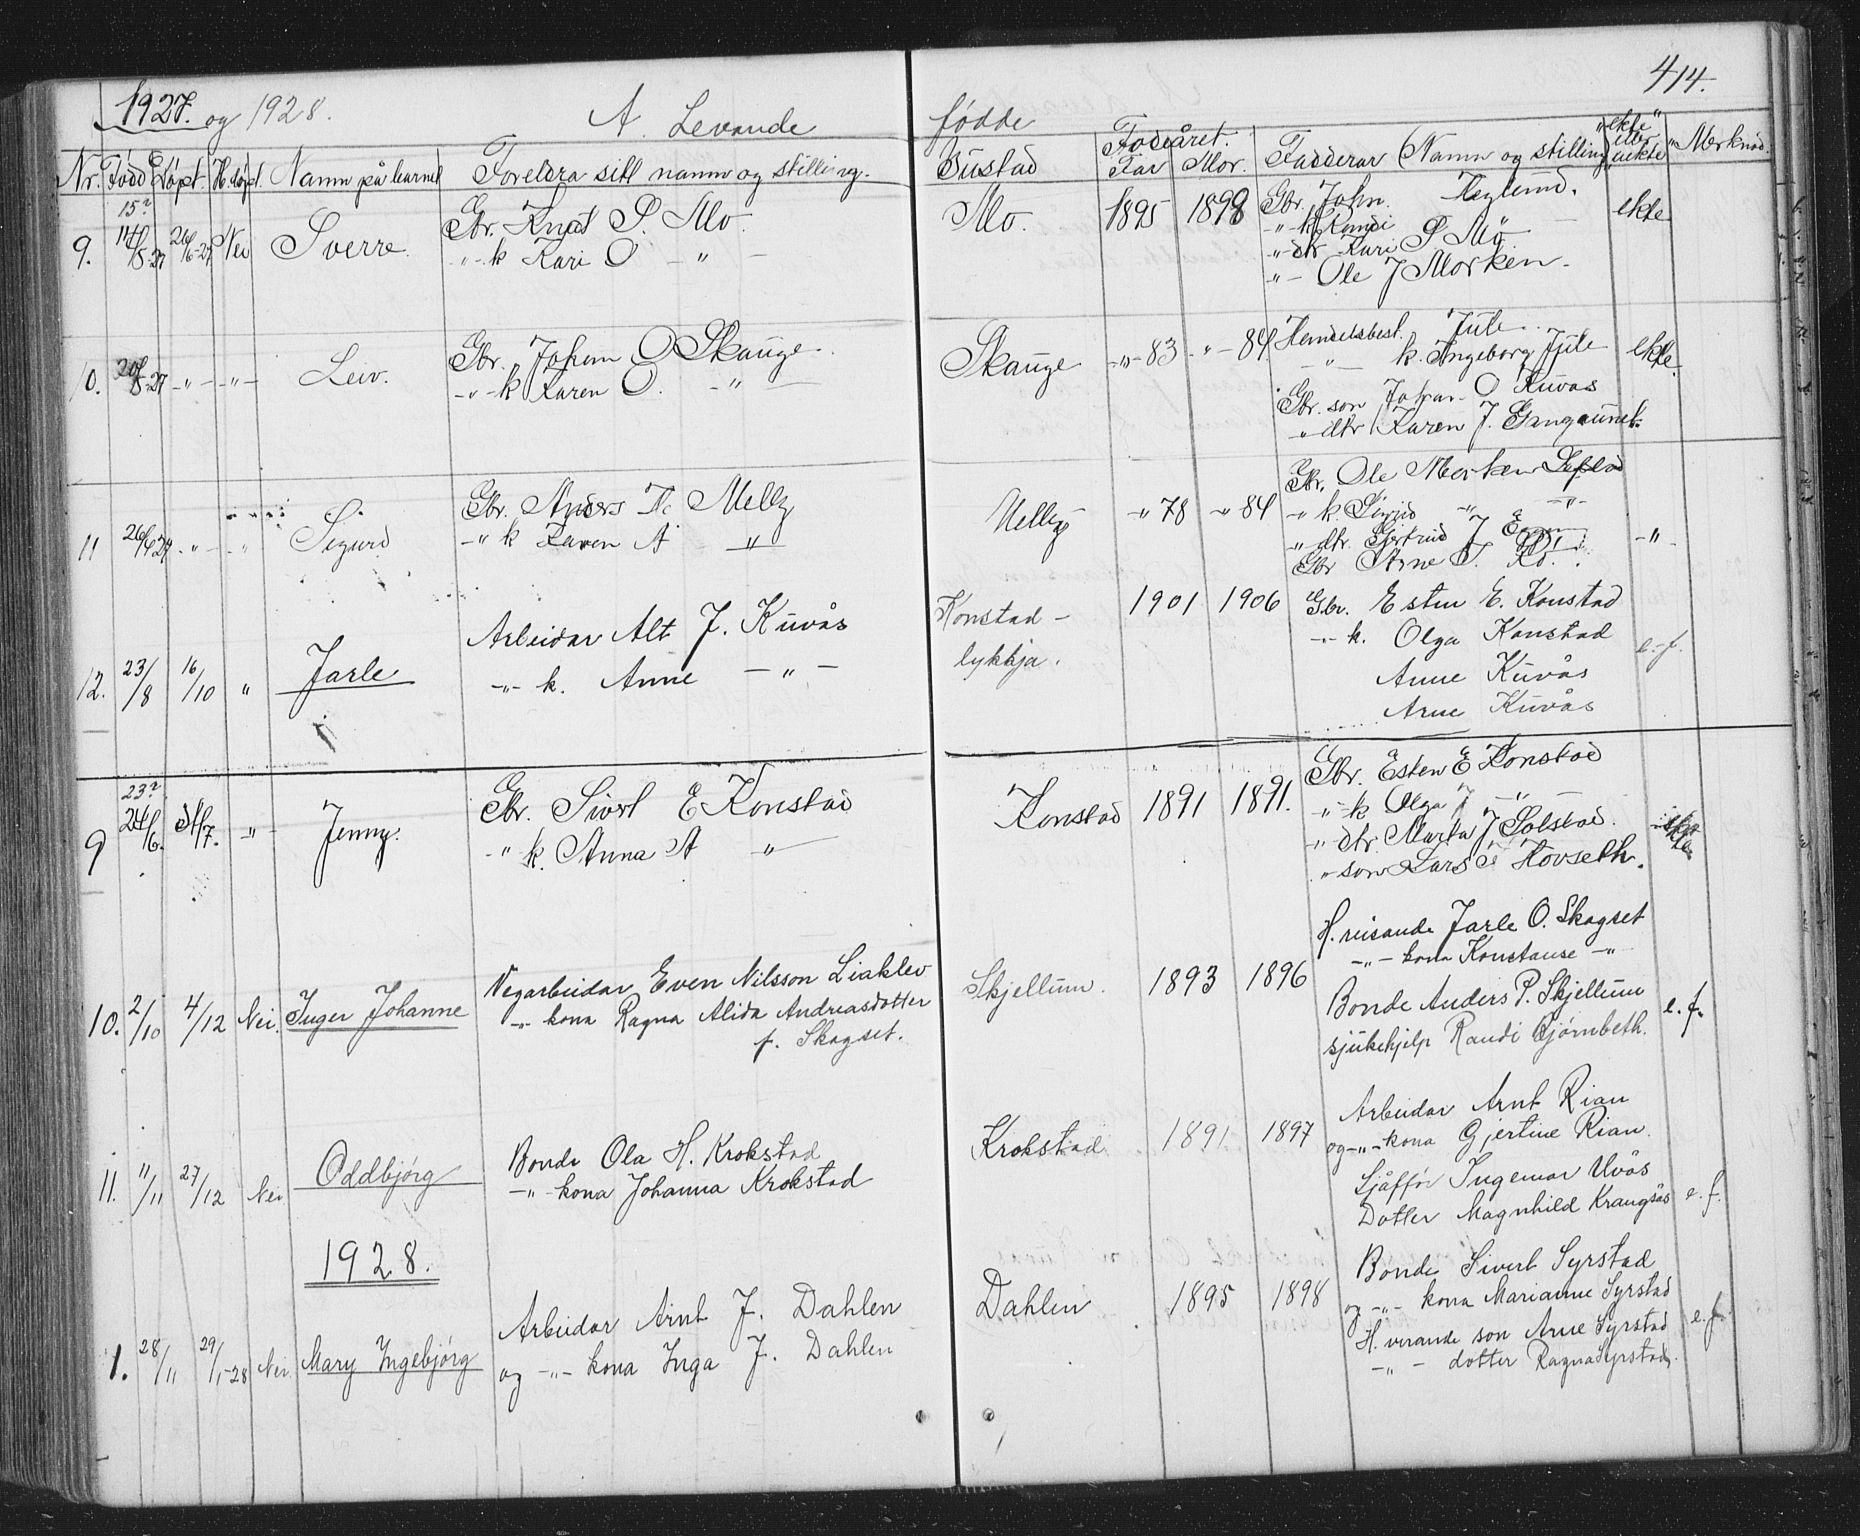 SAT, Ministerialprotokoller, klokkerbøker og fødselsregistre - Sør-Trøndelag, 667/L0798: Klokkerbok nr. 667C03, 1867-1929, s. 414